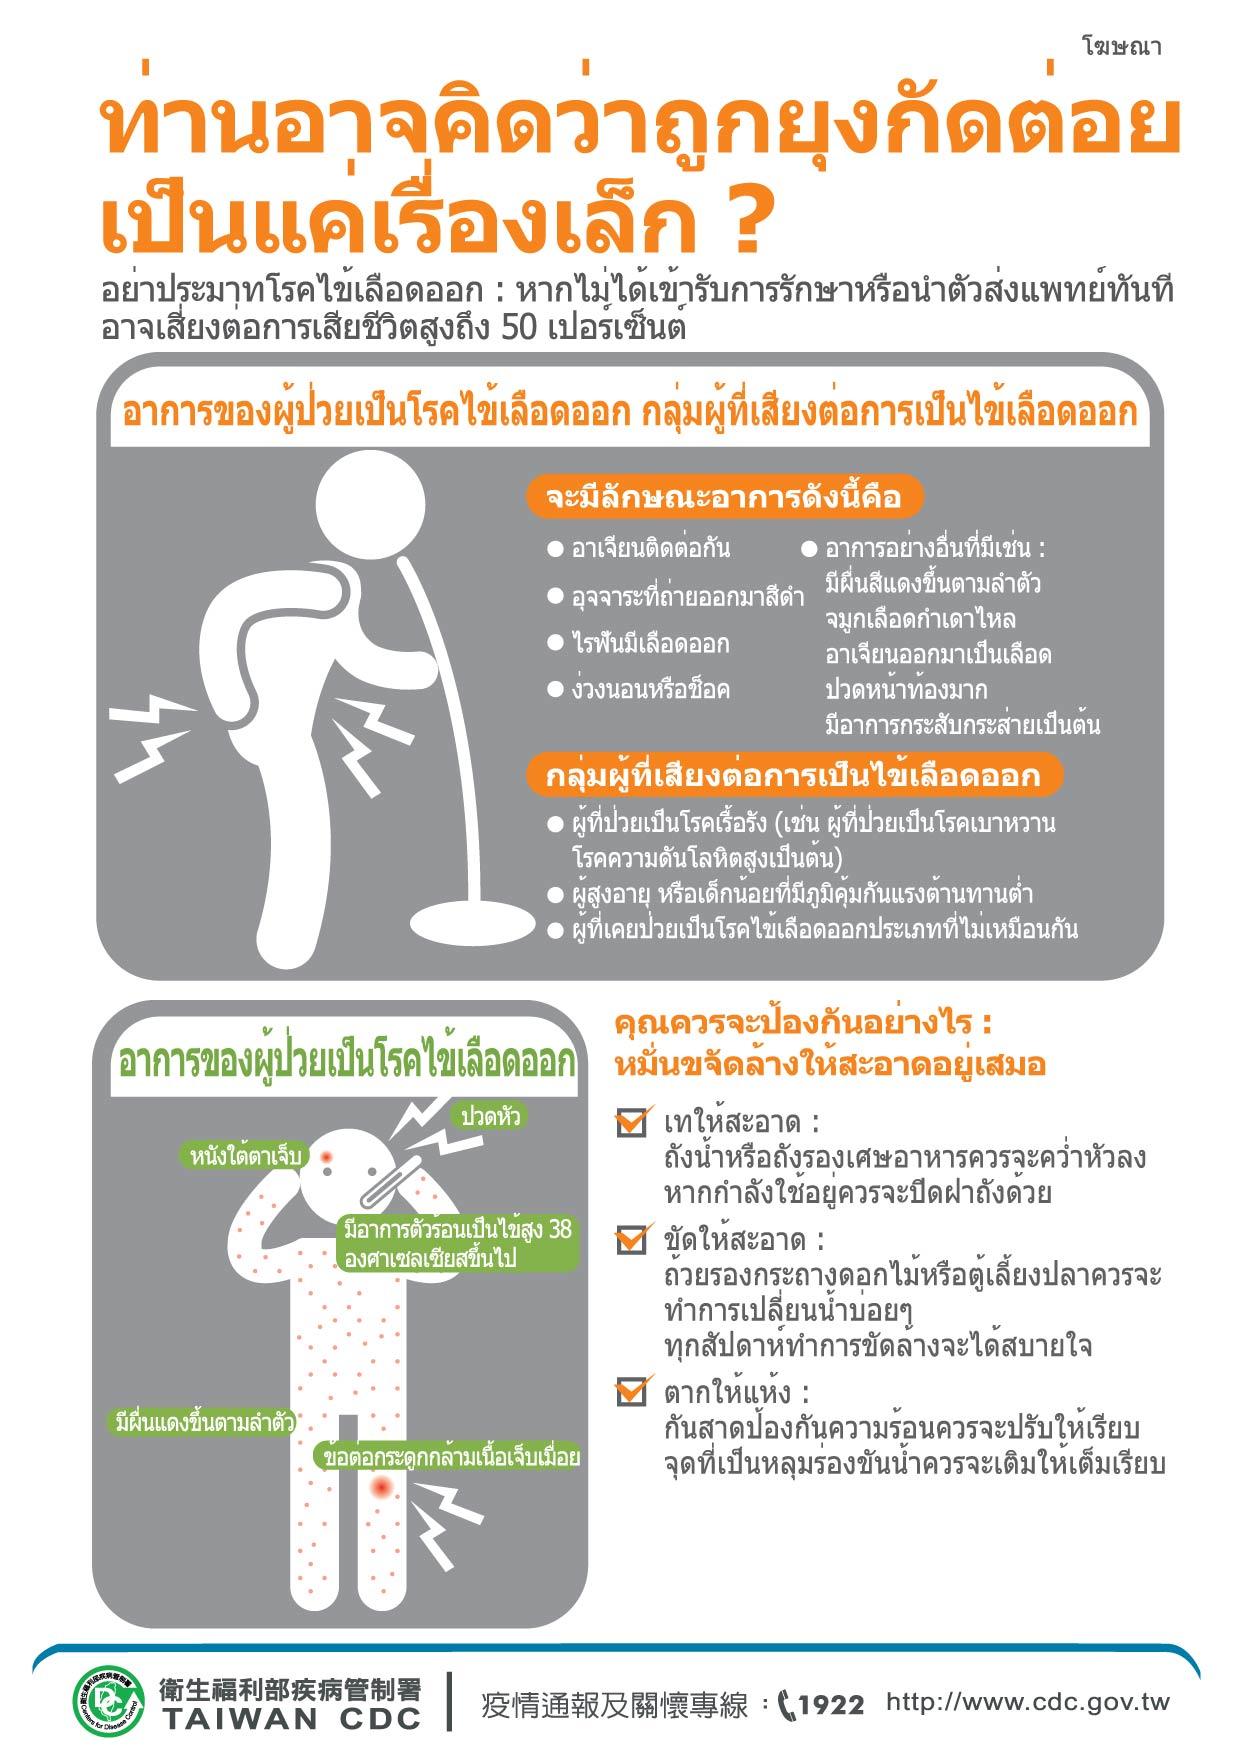 詳如附件【คลิก】การป้องกันโรคไข้เลือดออก登革熱預防(泰文)